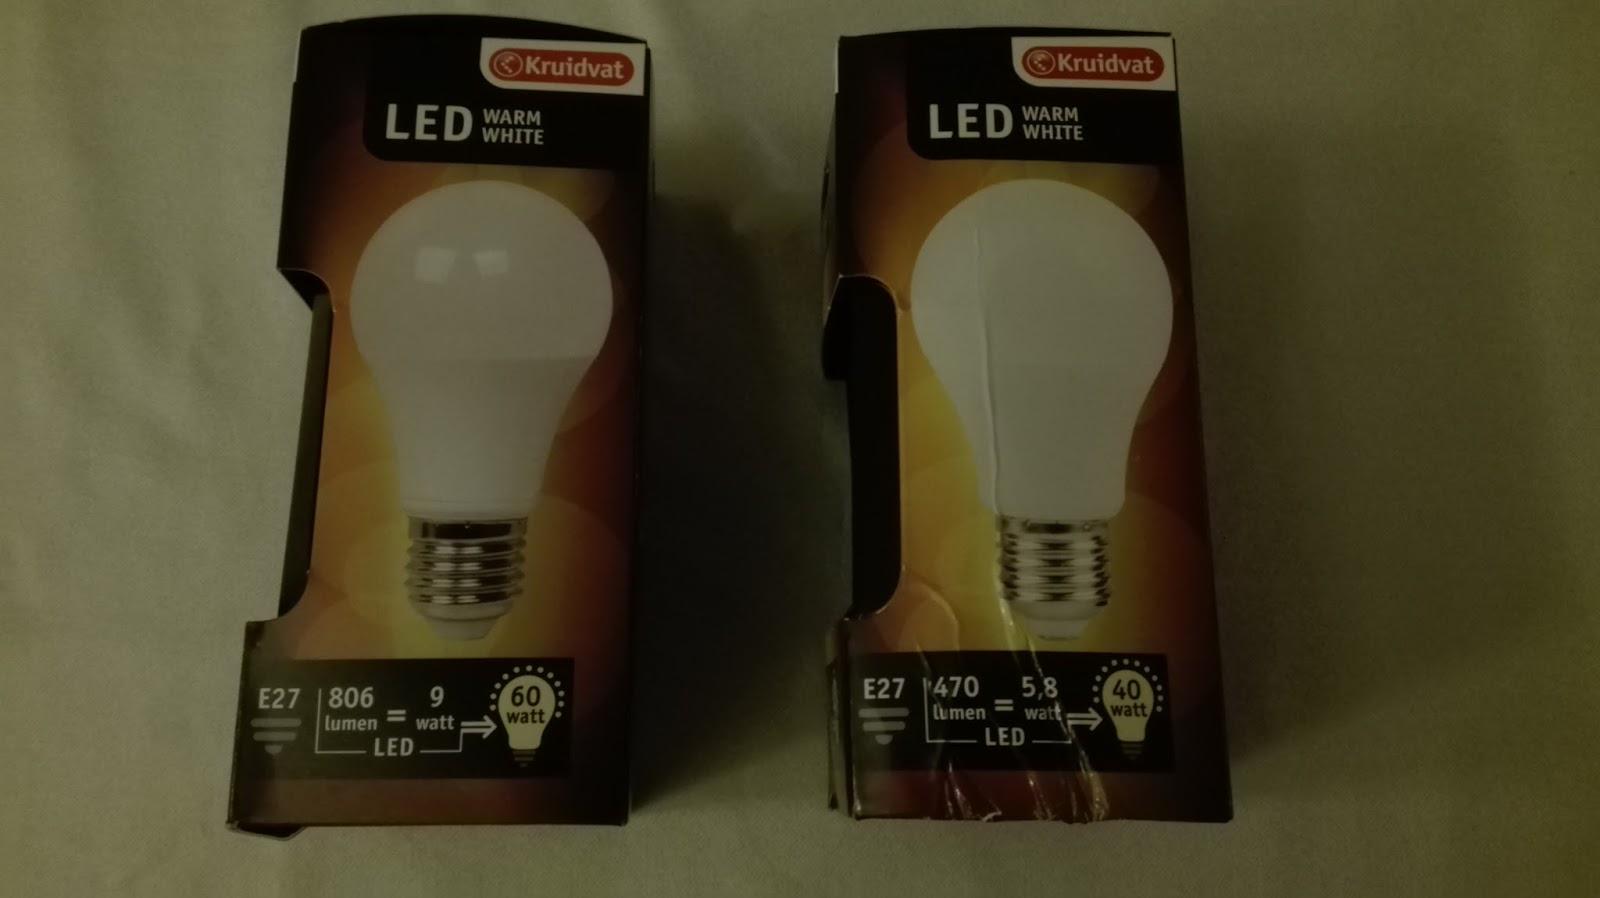 Led Lampen Kruidvat : Familie dubbelop spaarlampen ledlampen